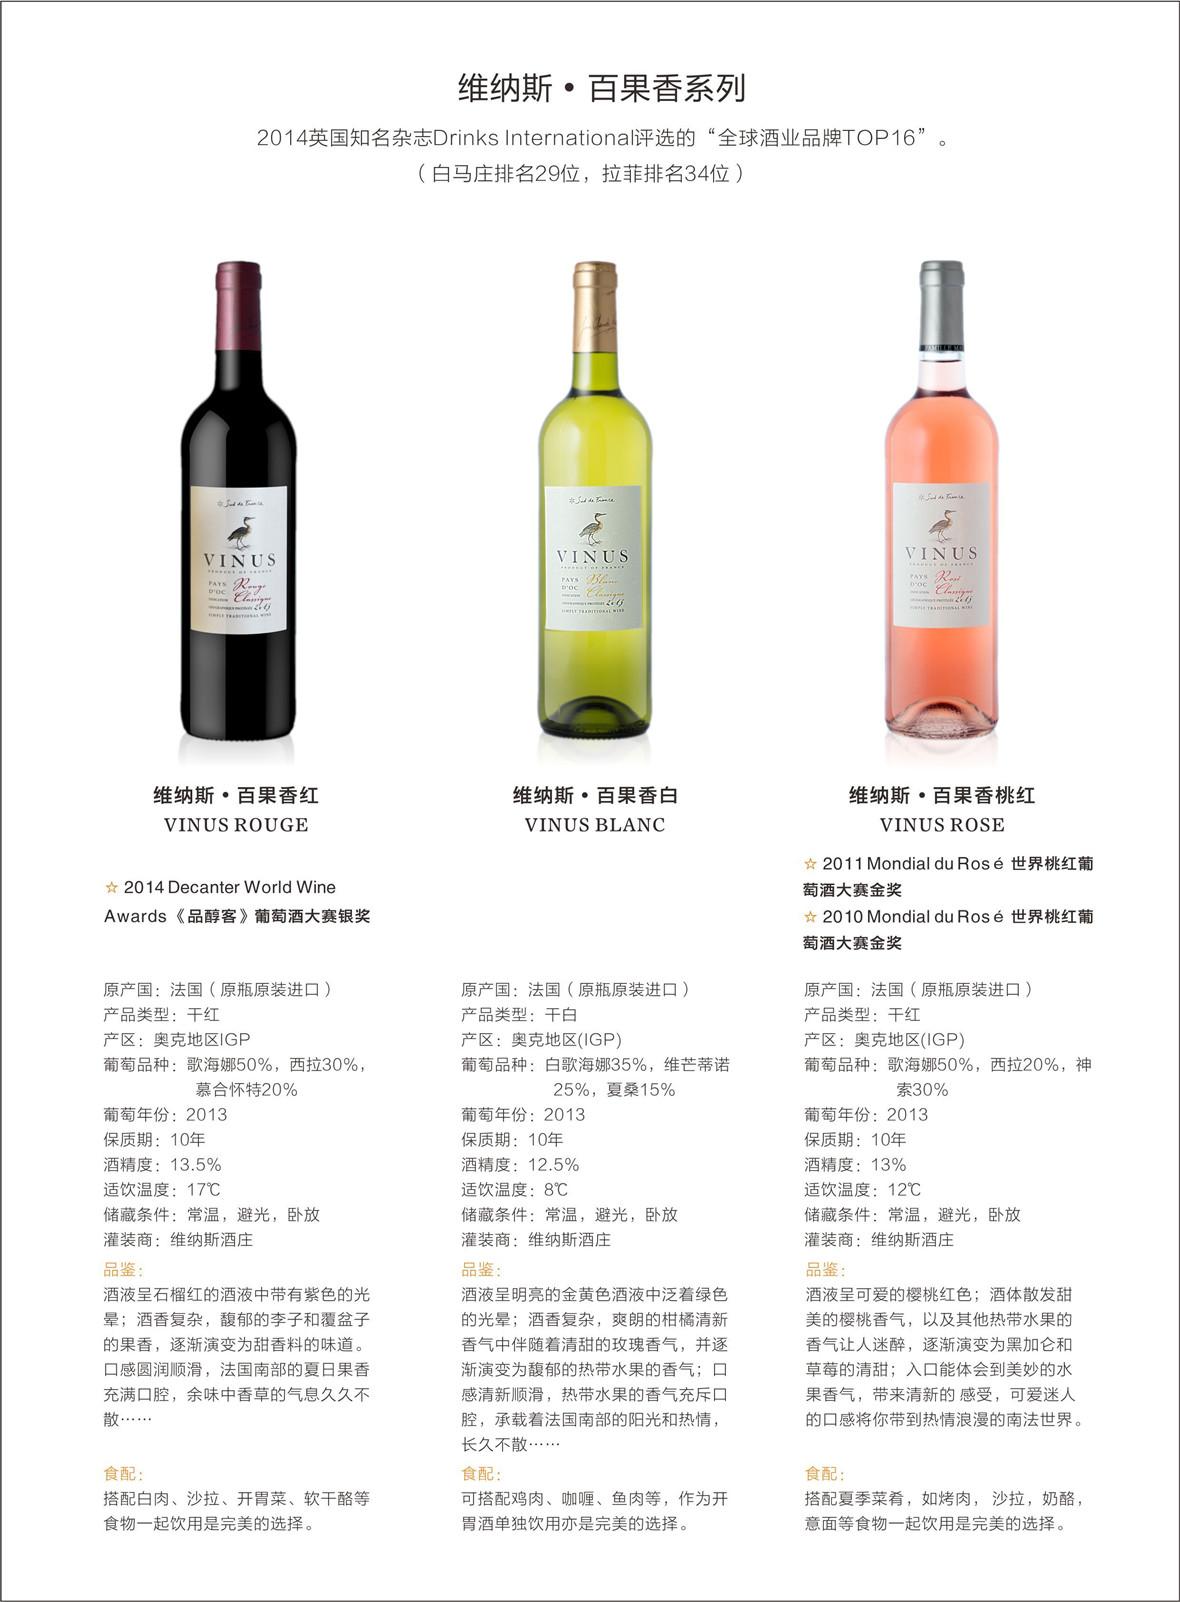 维纳斯百果香系列葡萄酒1180